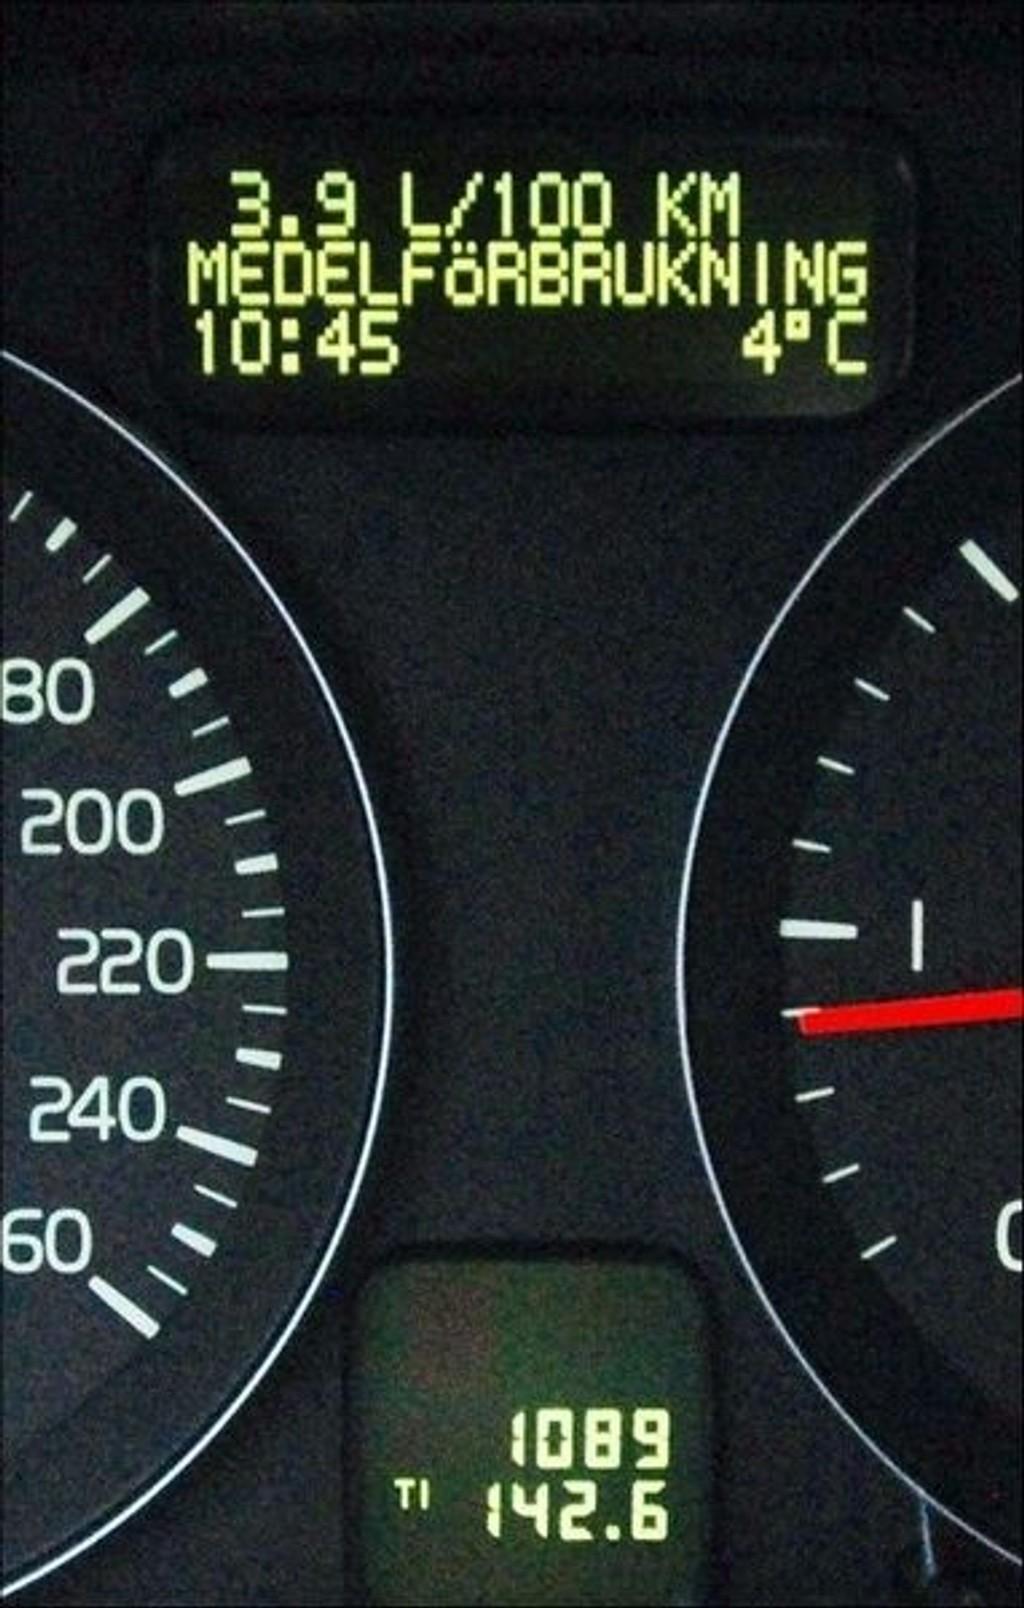 ØKONOMISK: 0,39 liter/mil gir bare 103 gram CO2/km i utslipp. (Foto: Øivind Skar)